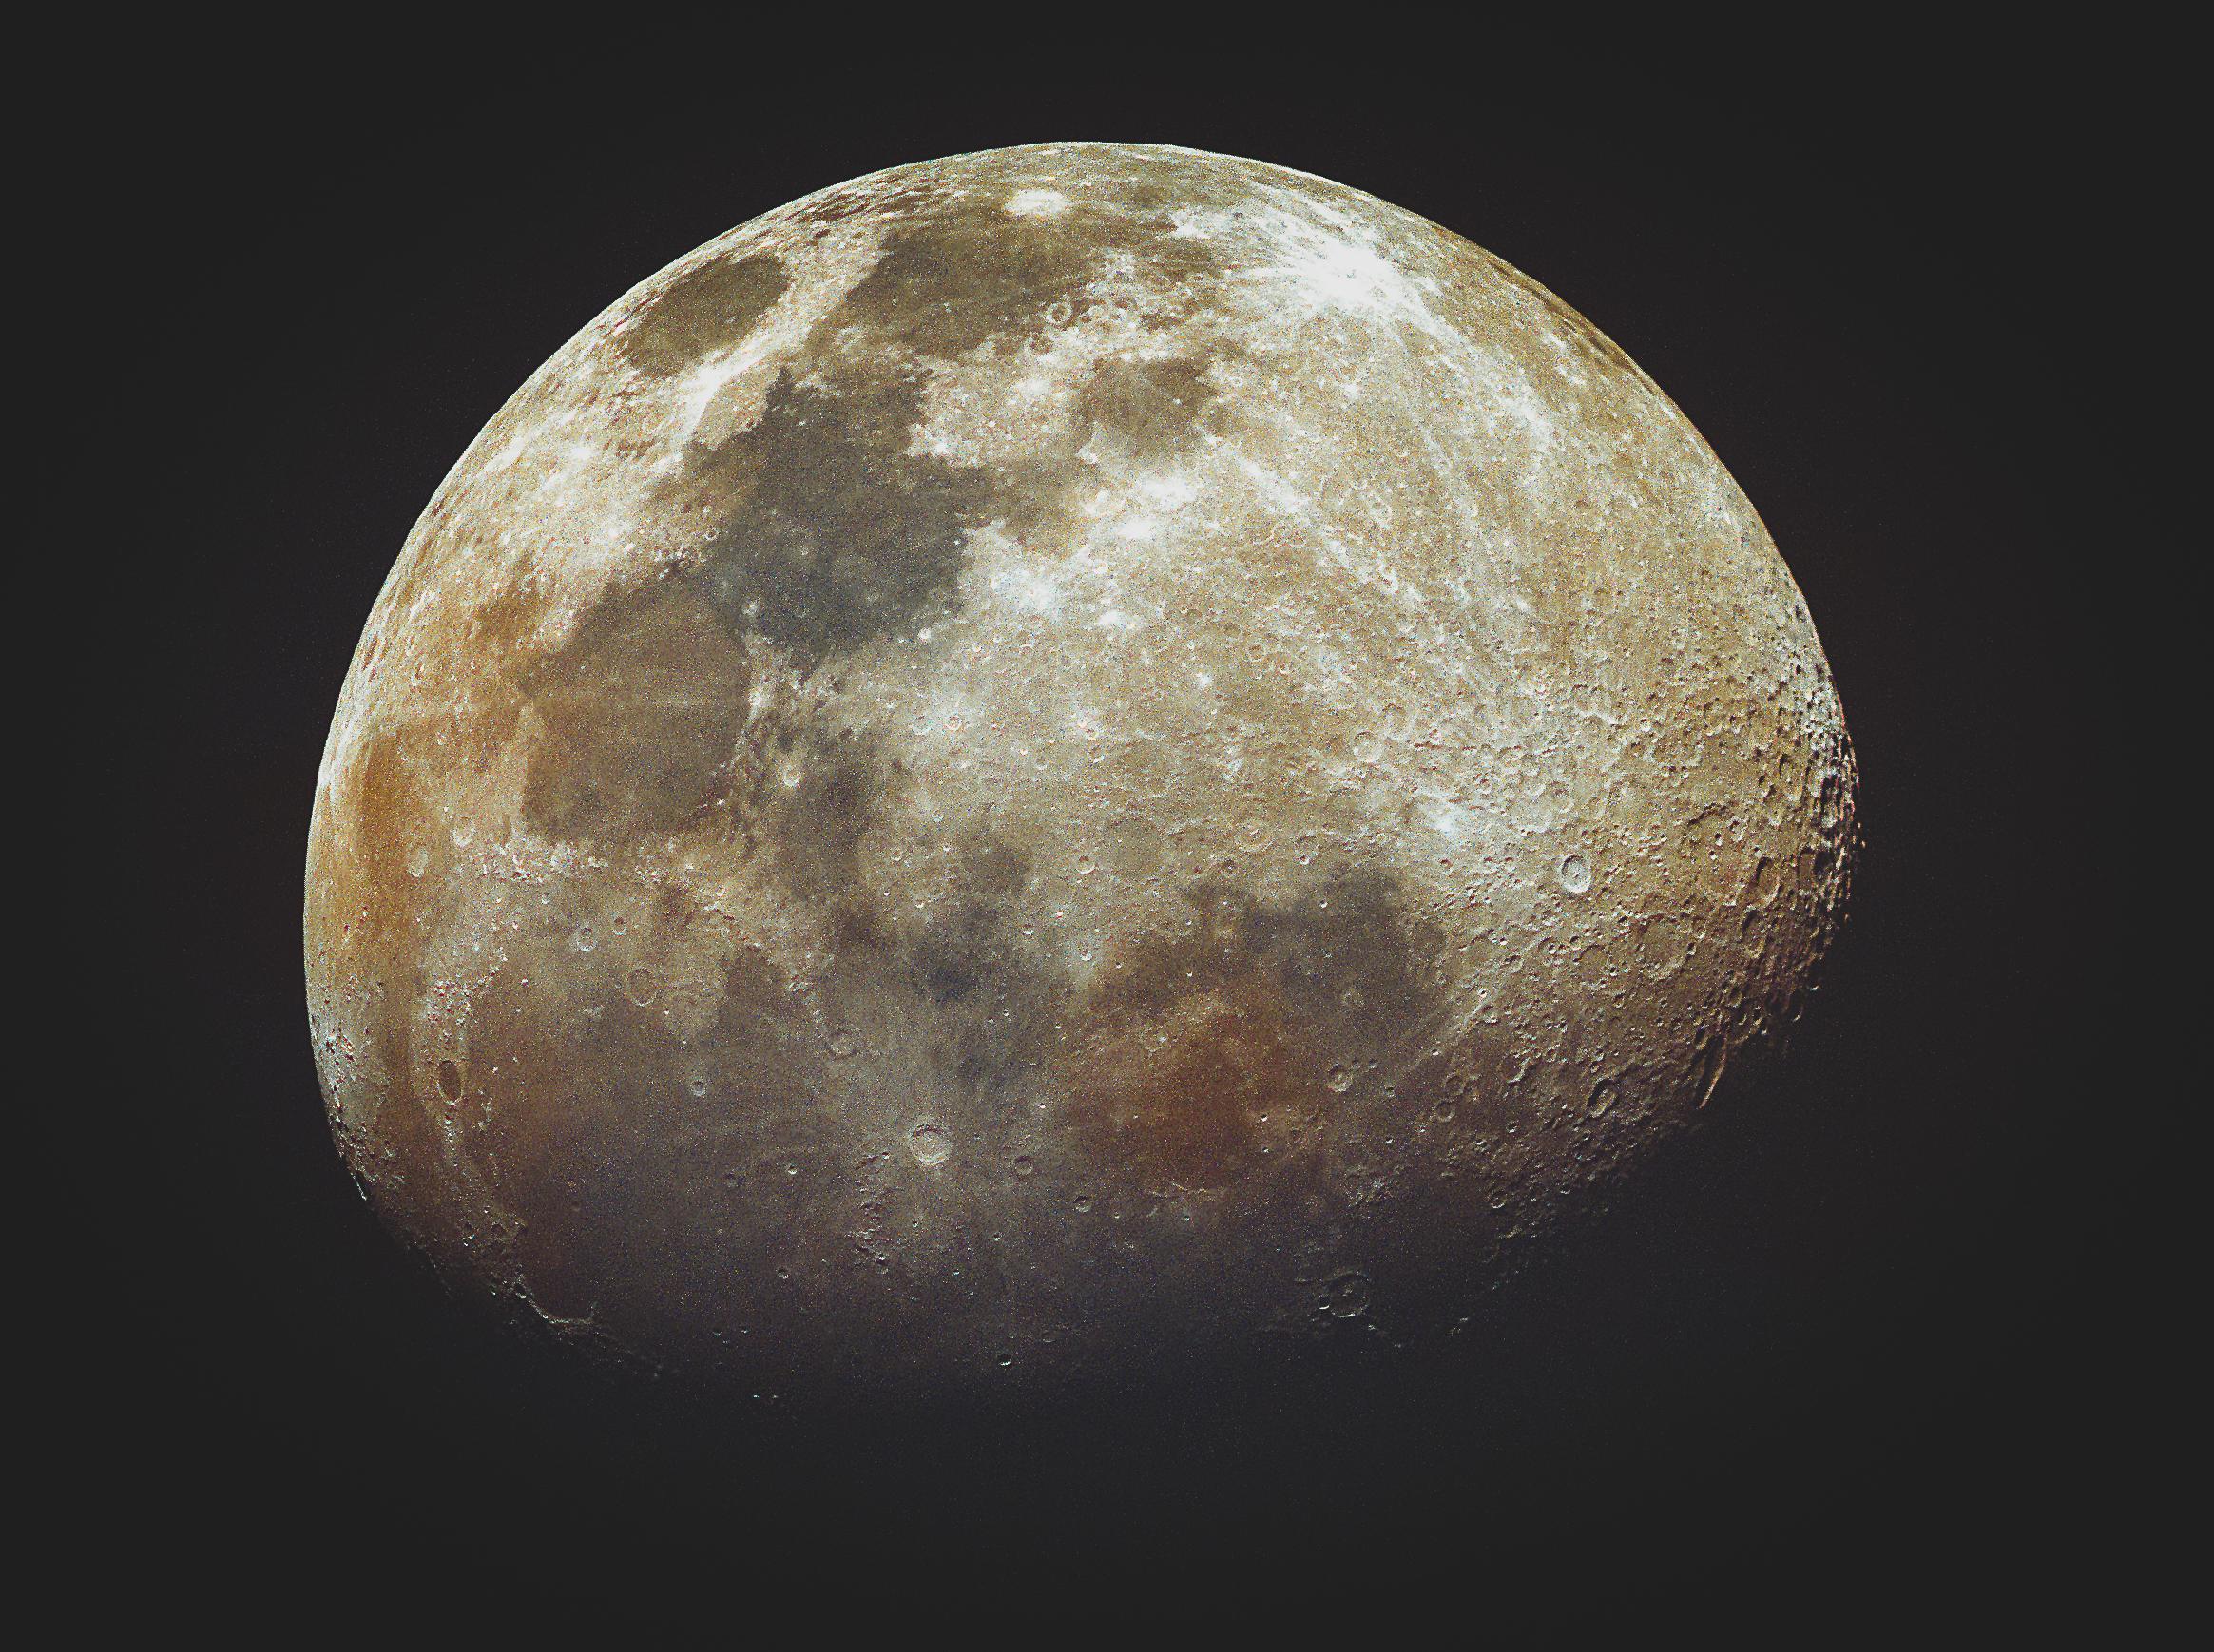 moon, colour moon, mineral moon, lunar,